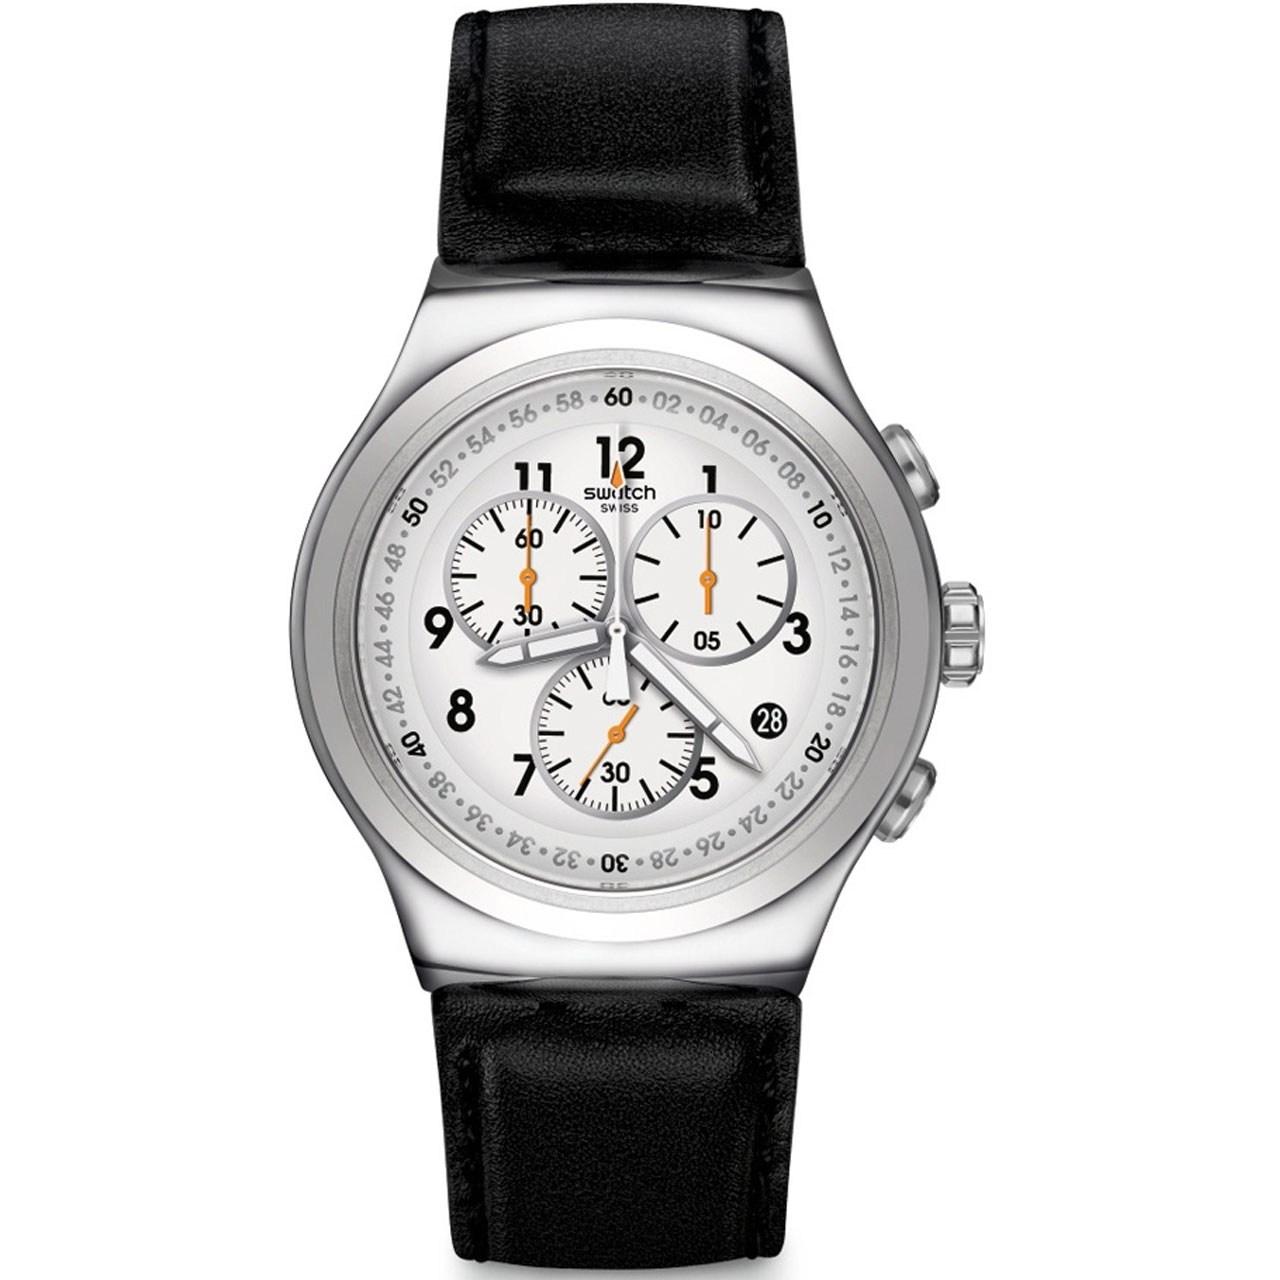 ساعت مچی عقربه ای مردانه سواچ مدل YOS451 34